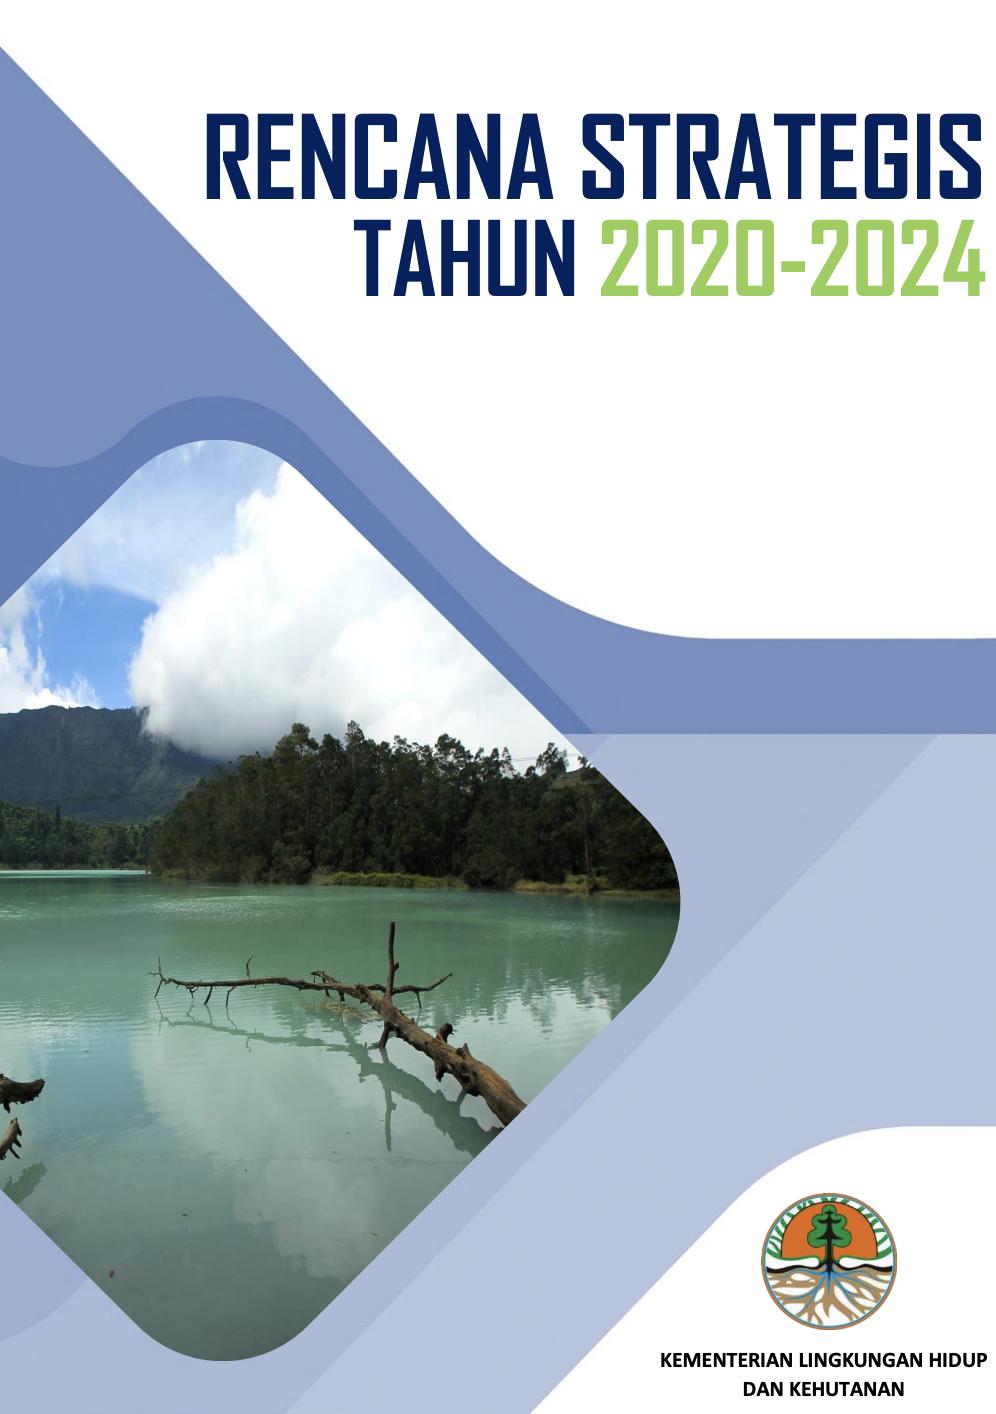 RENSTRA KLHK TAHUN 2020-2024